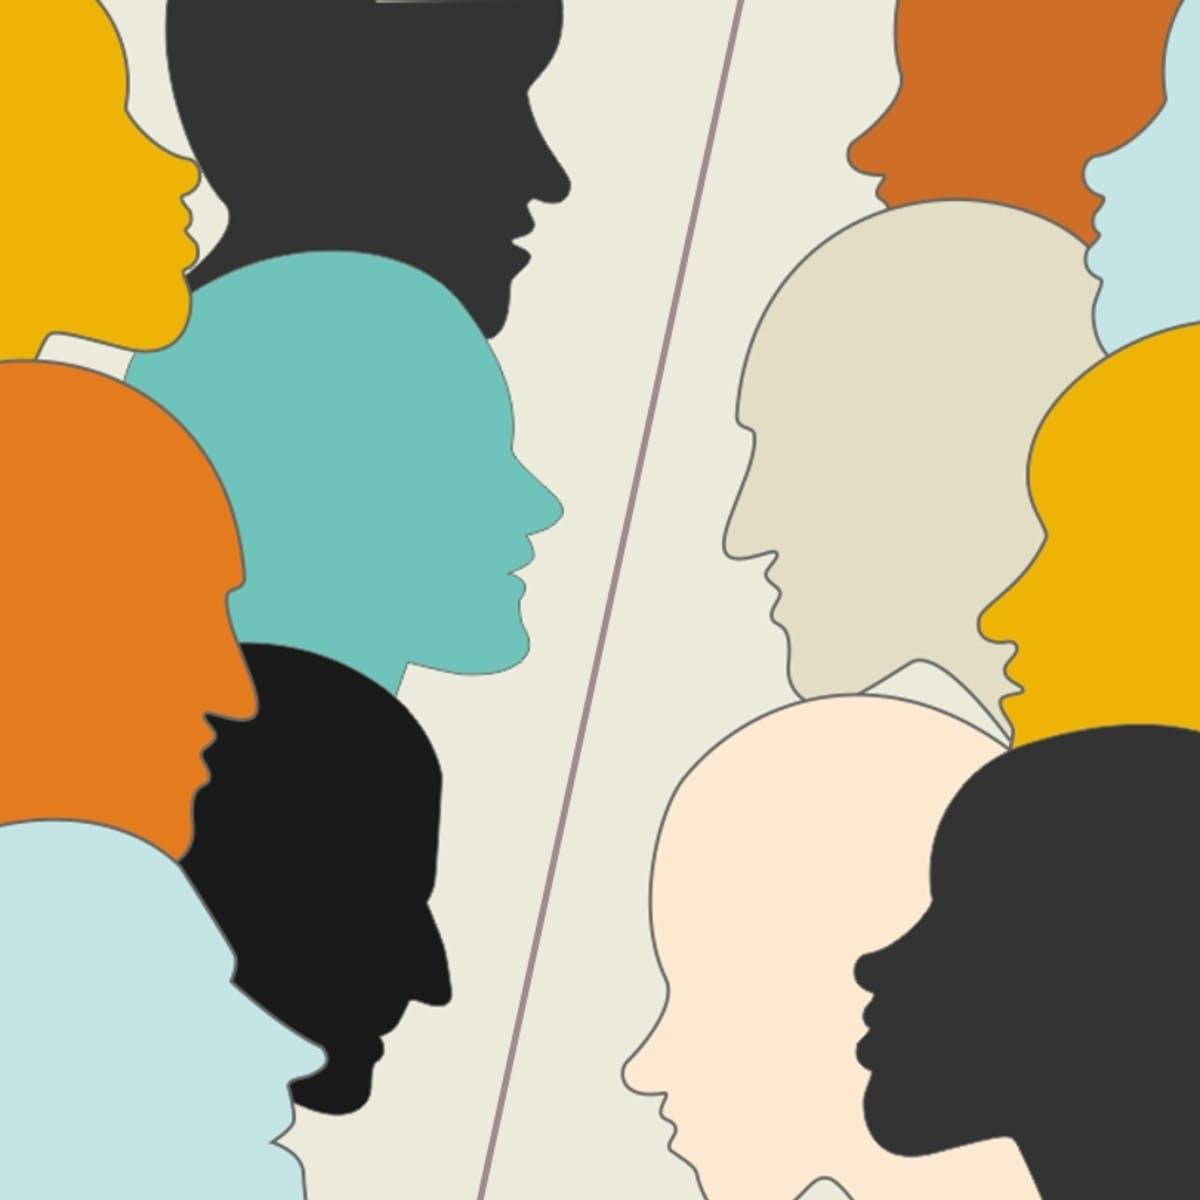 Психология межгрупповых отношений